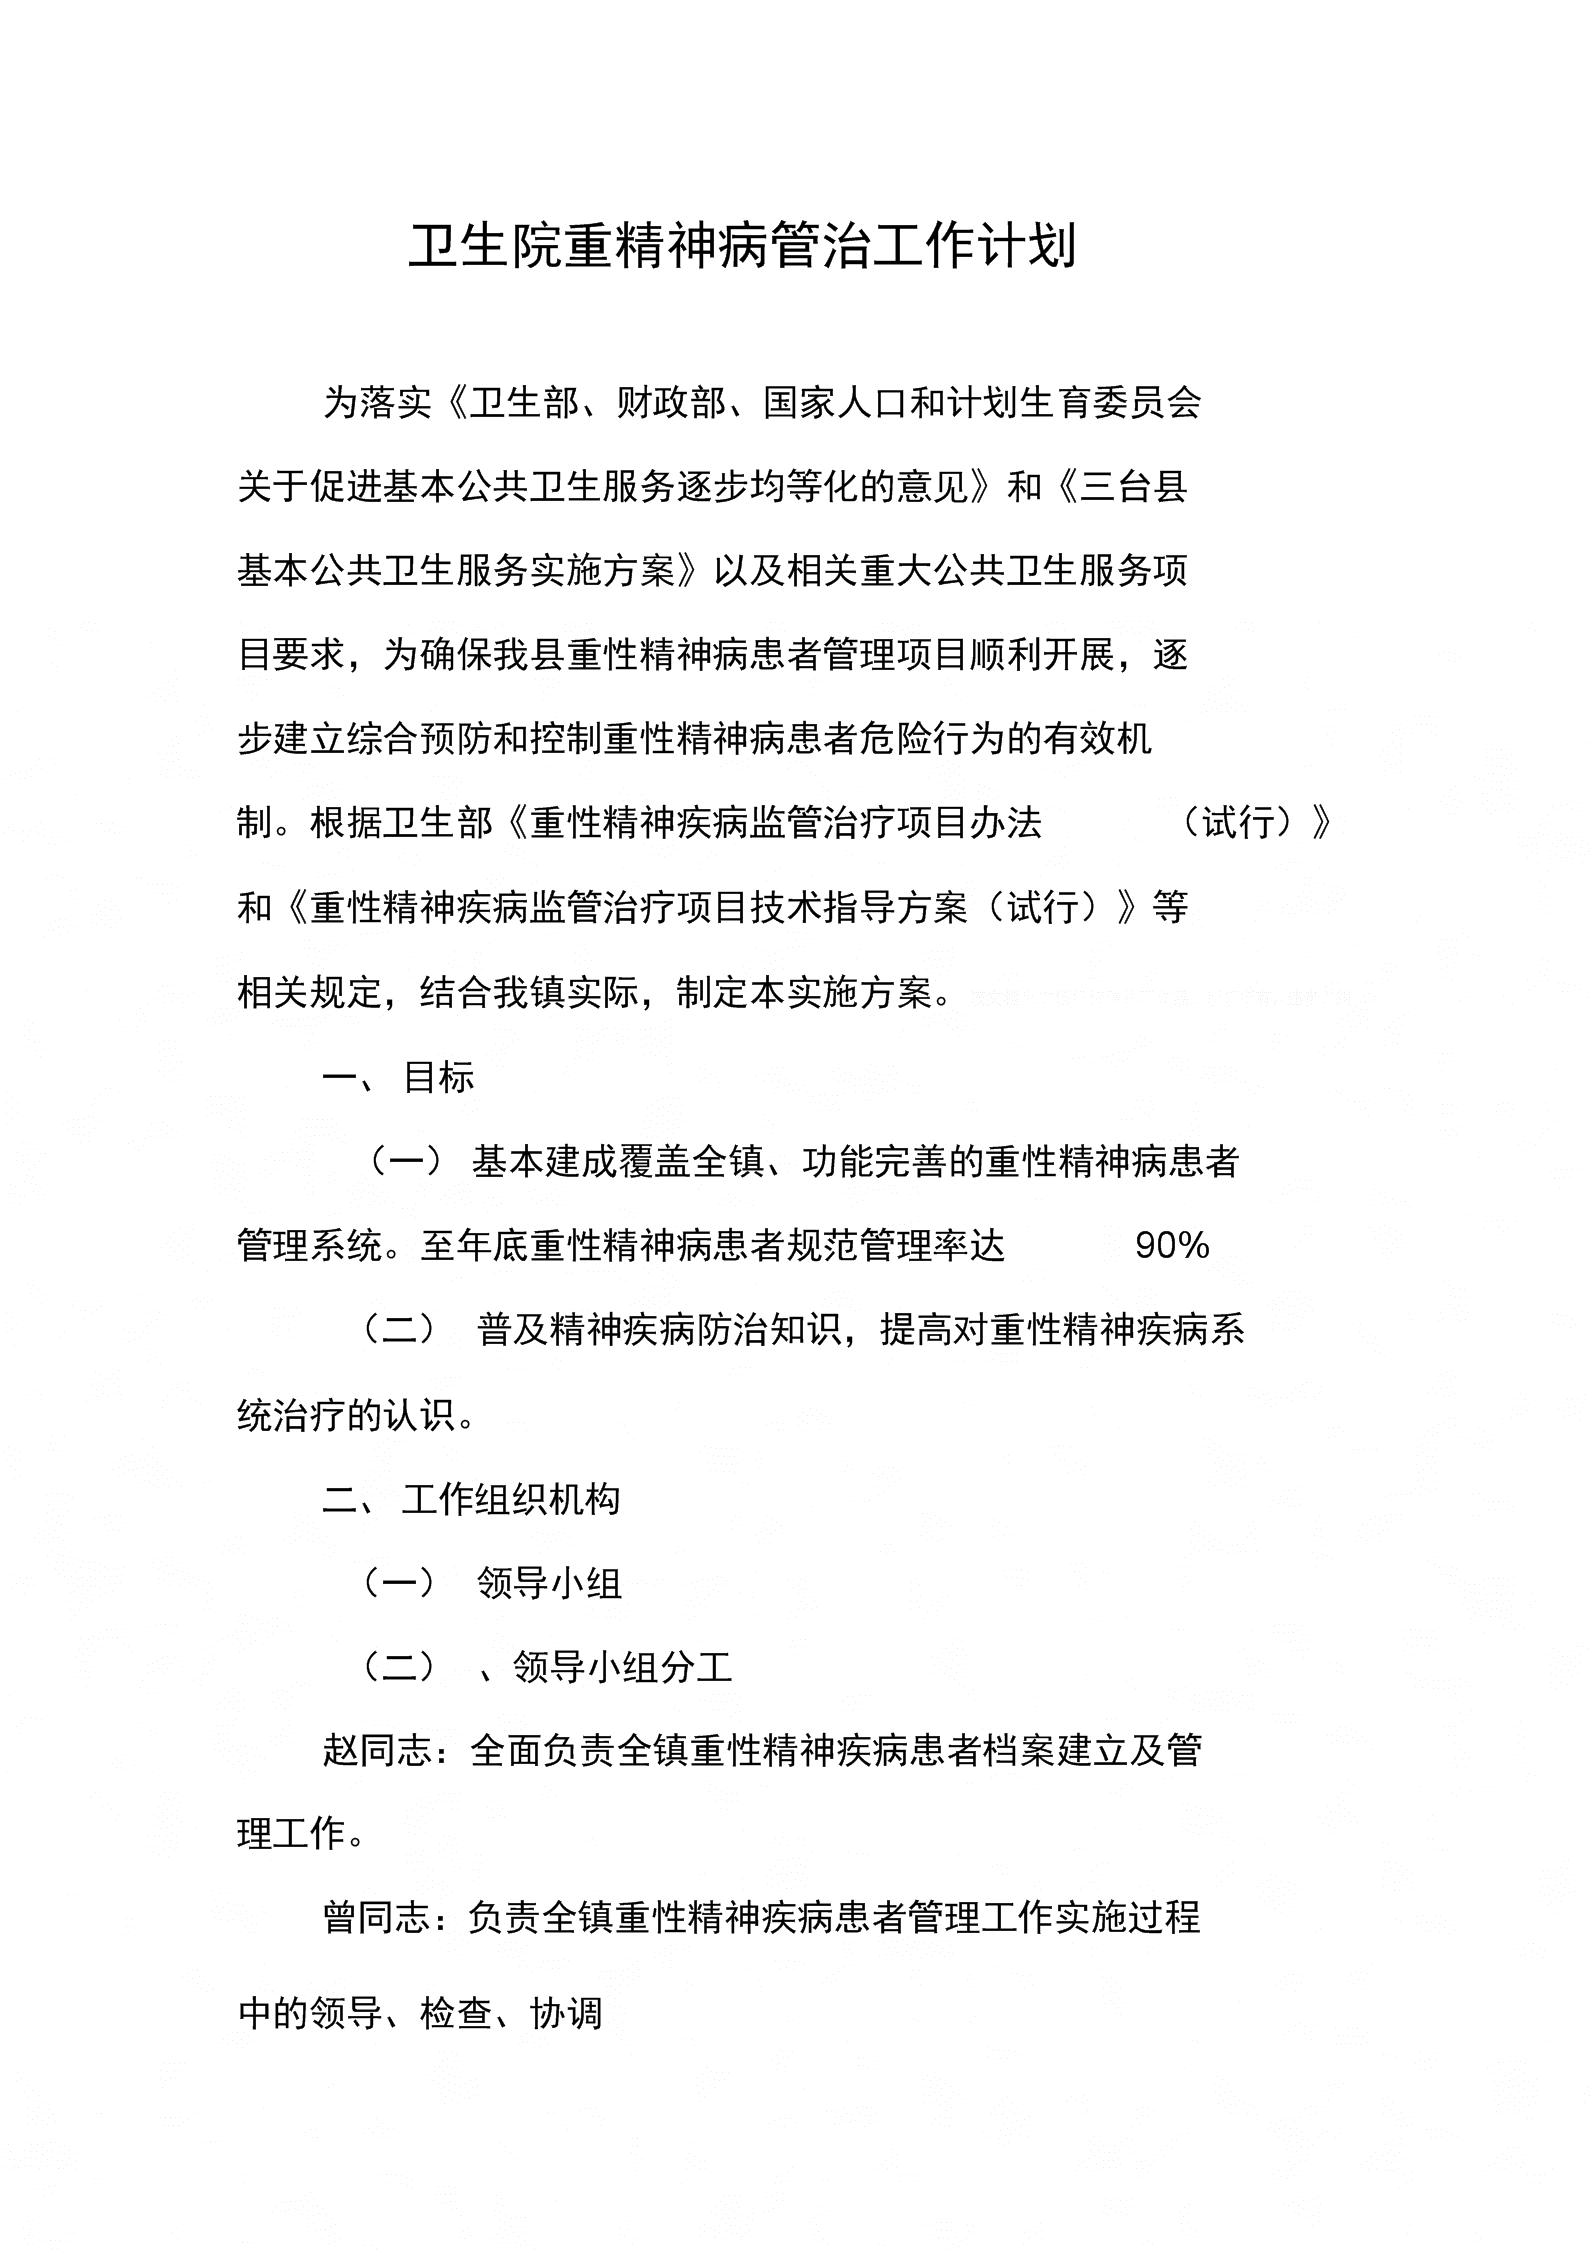 卫生院重精神病管治工作计划.docx